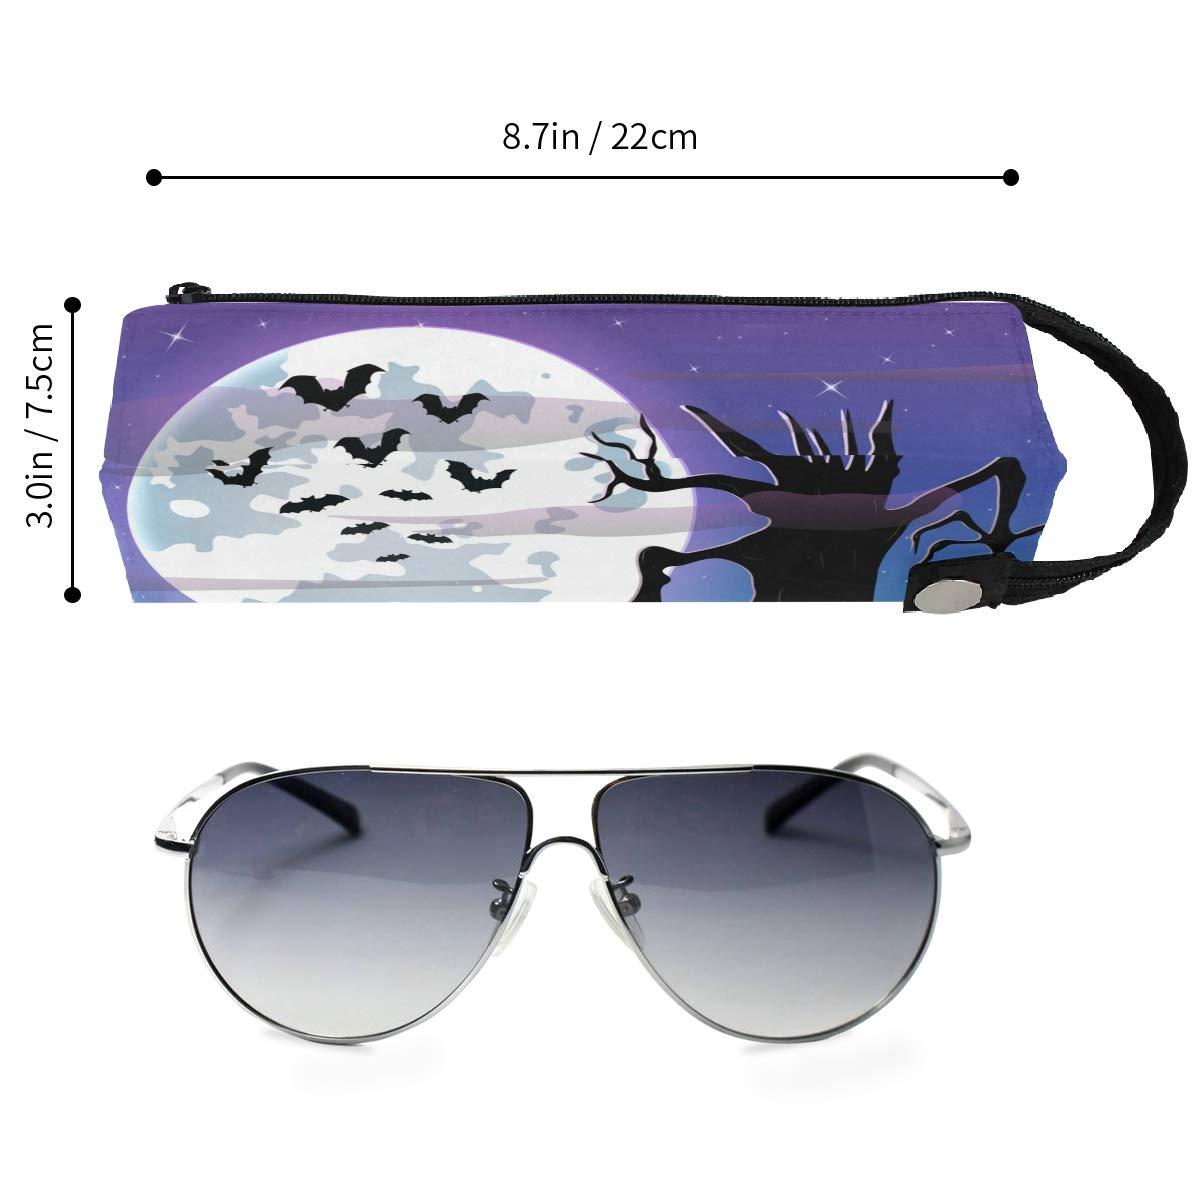 Estuche con cremallera para gafas de sol o cosm/éticos Coosun dise/ño de calavera de Halloween